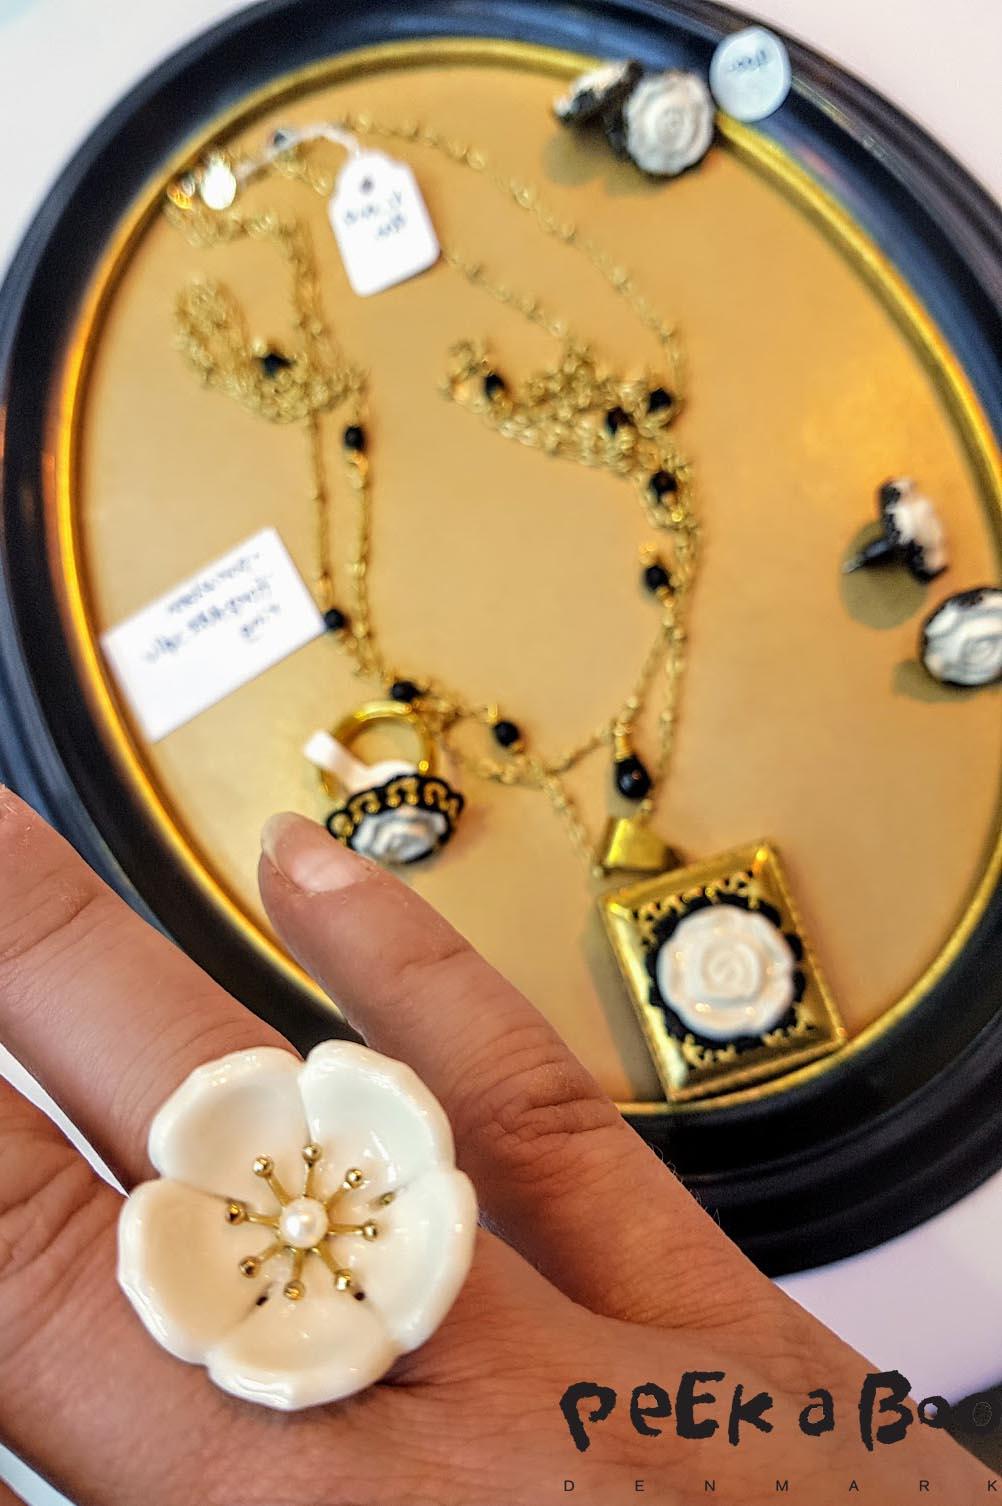 poporcelain er skønne lidt farmor agtige smykker i porcelæn.